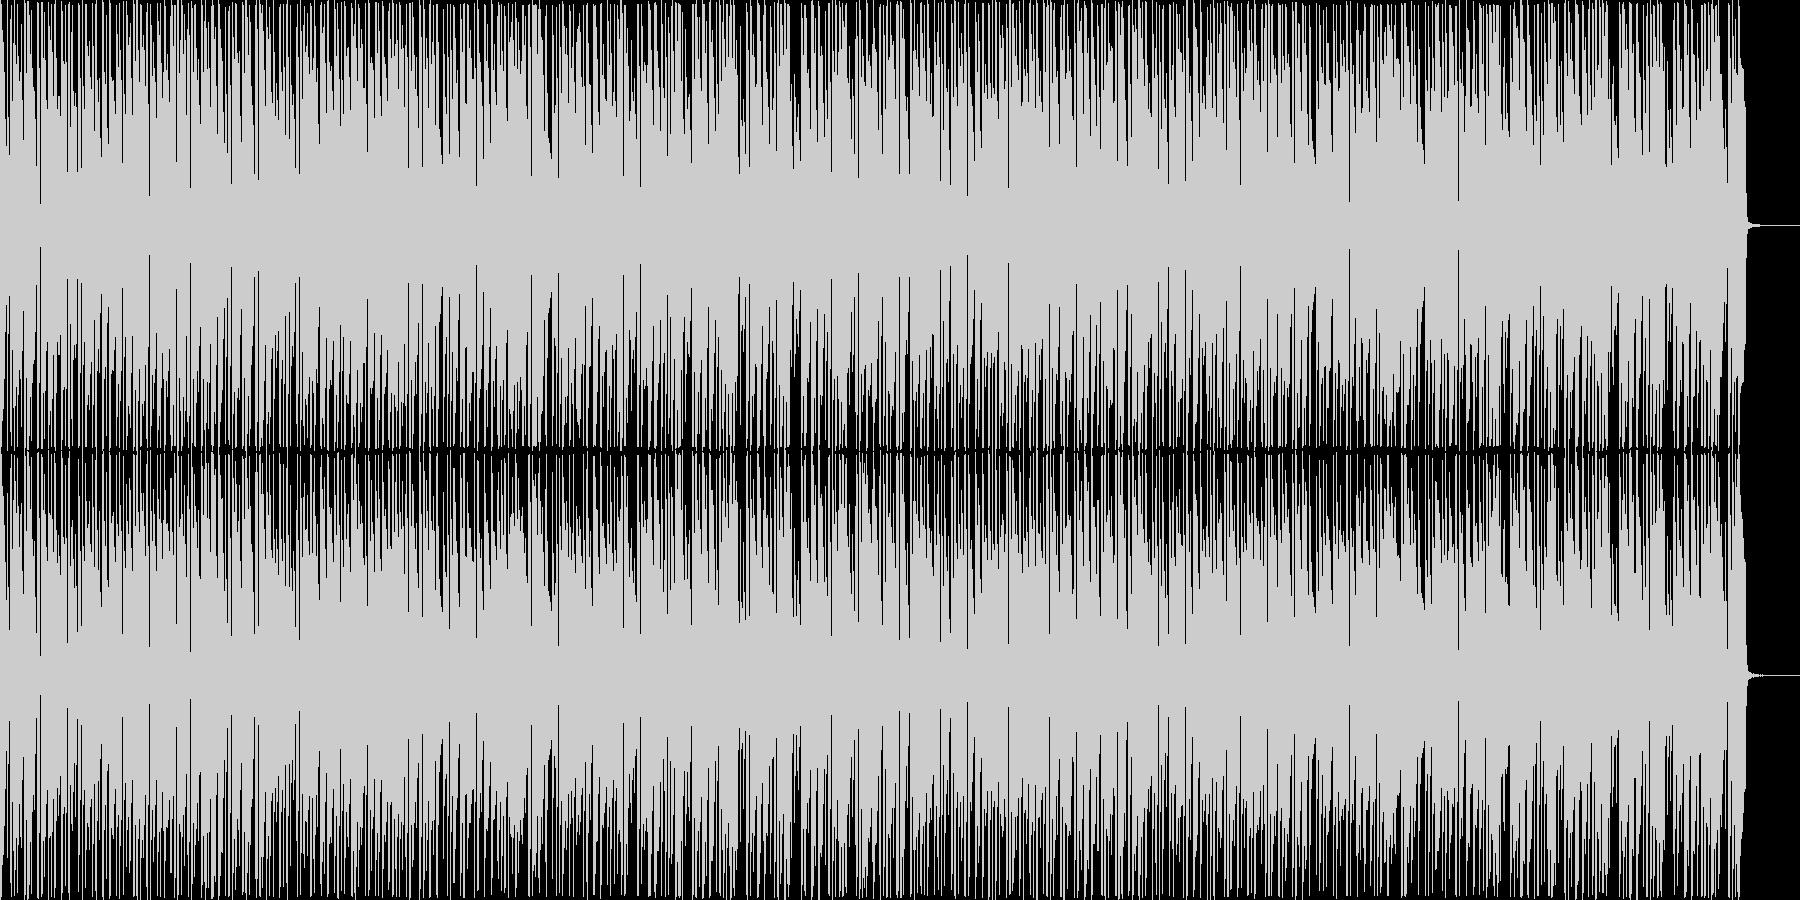 お洒落なボサノバ(メロディ無し)の未再生の波形